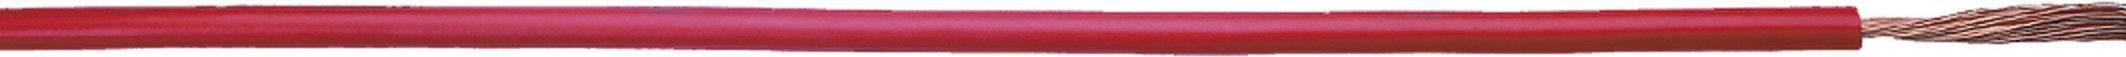 Opletenie / lanko LappKabel 4160704 Multi-Standard SC 2.1, 1 x 6 mm², vonkajší Ø 4.90 mm, metrový tovar, červená